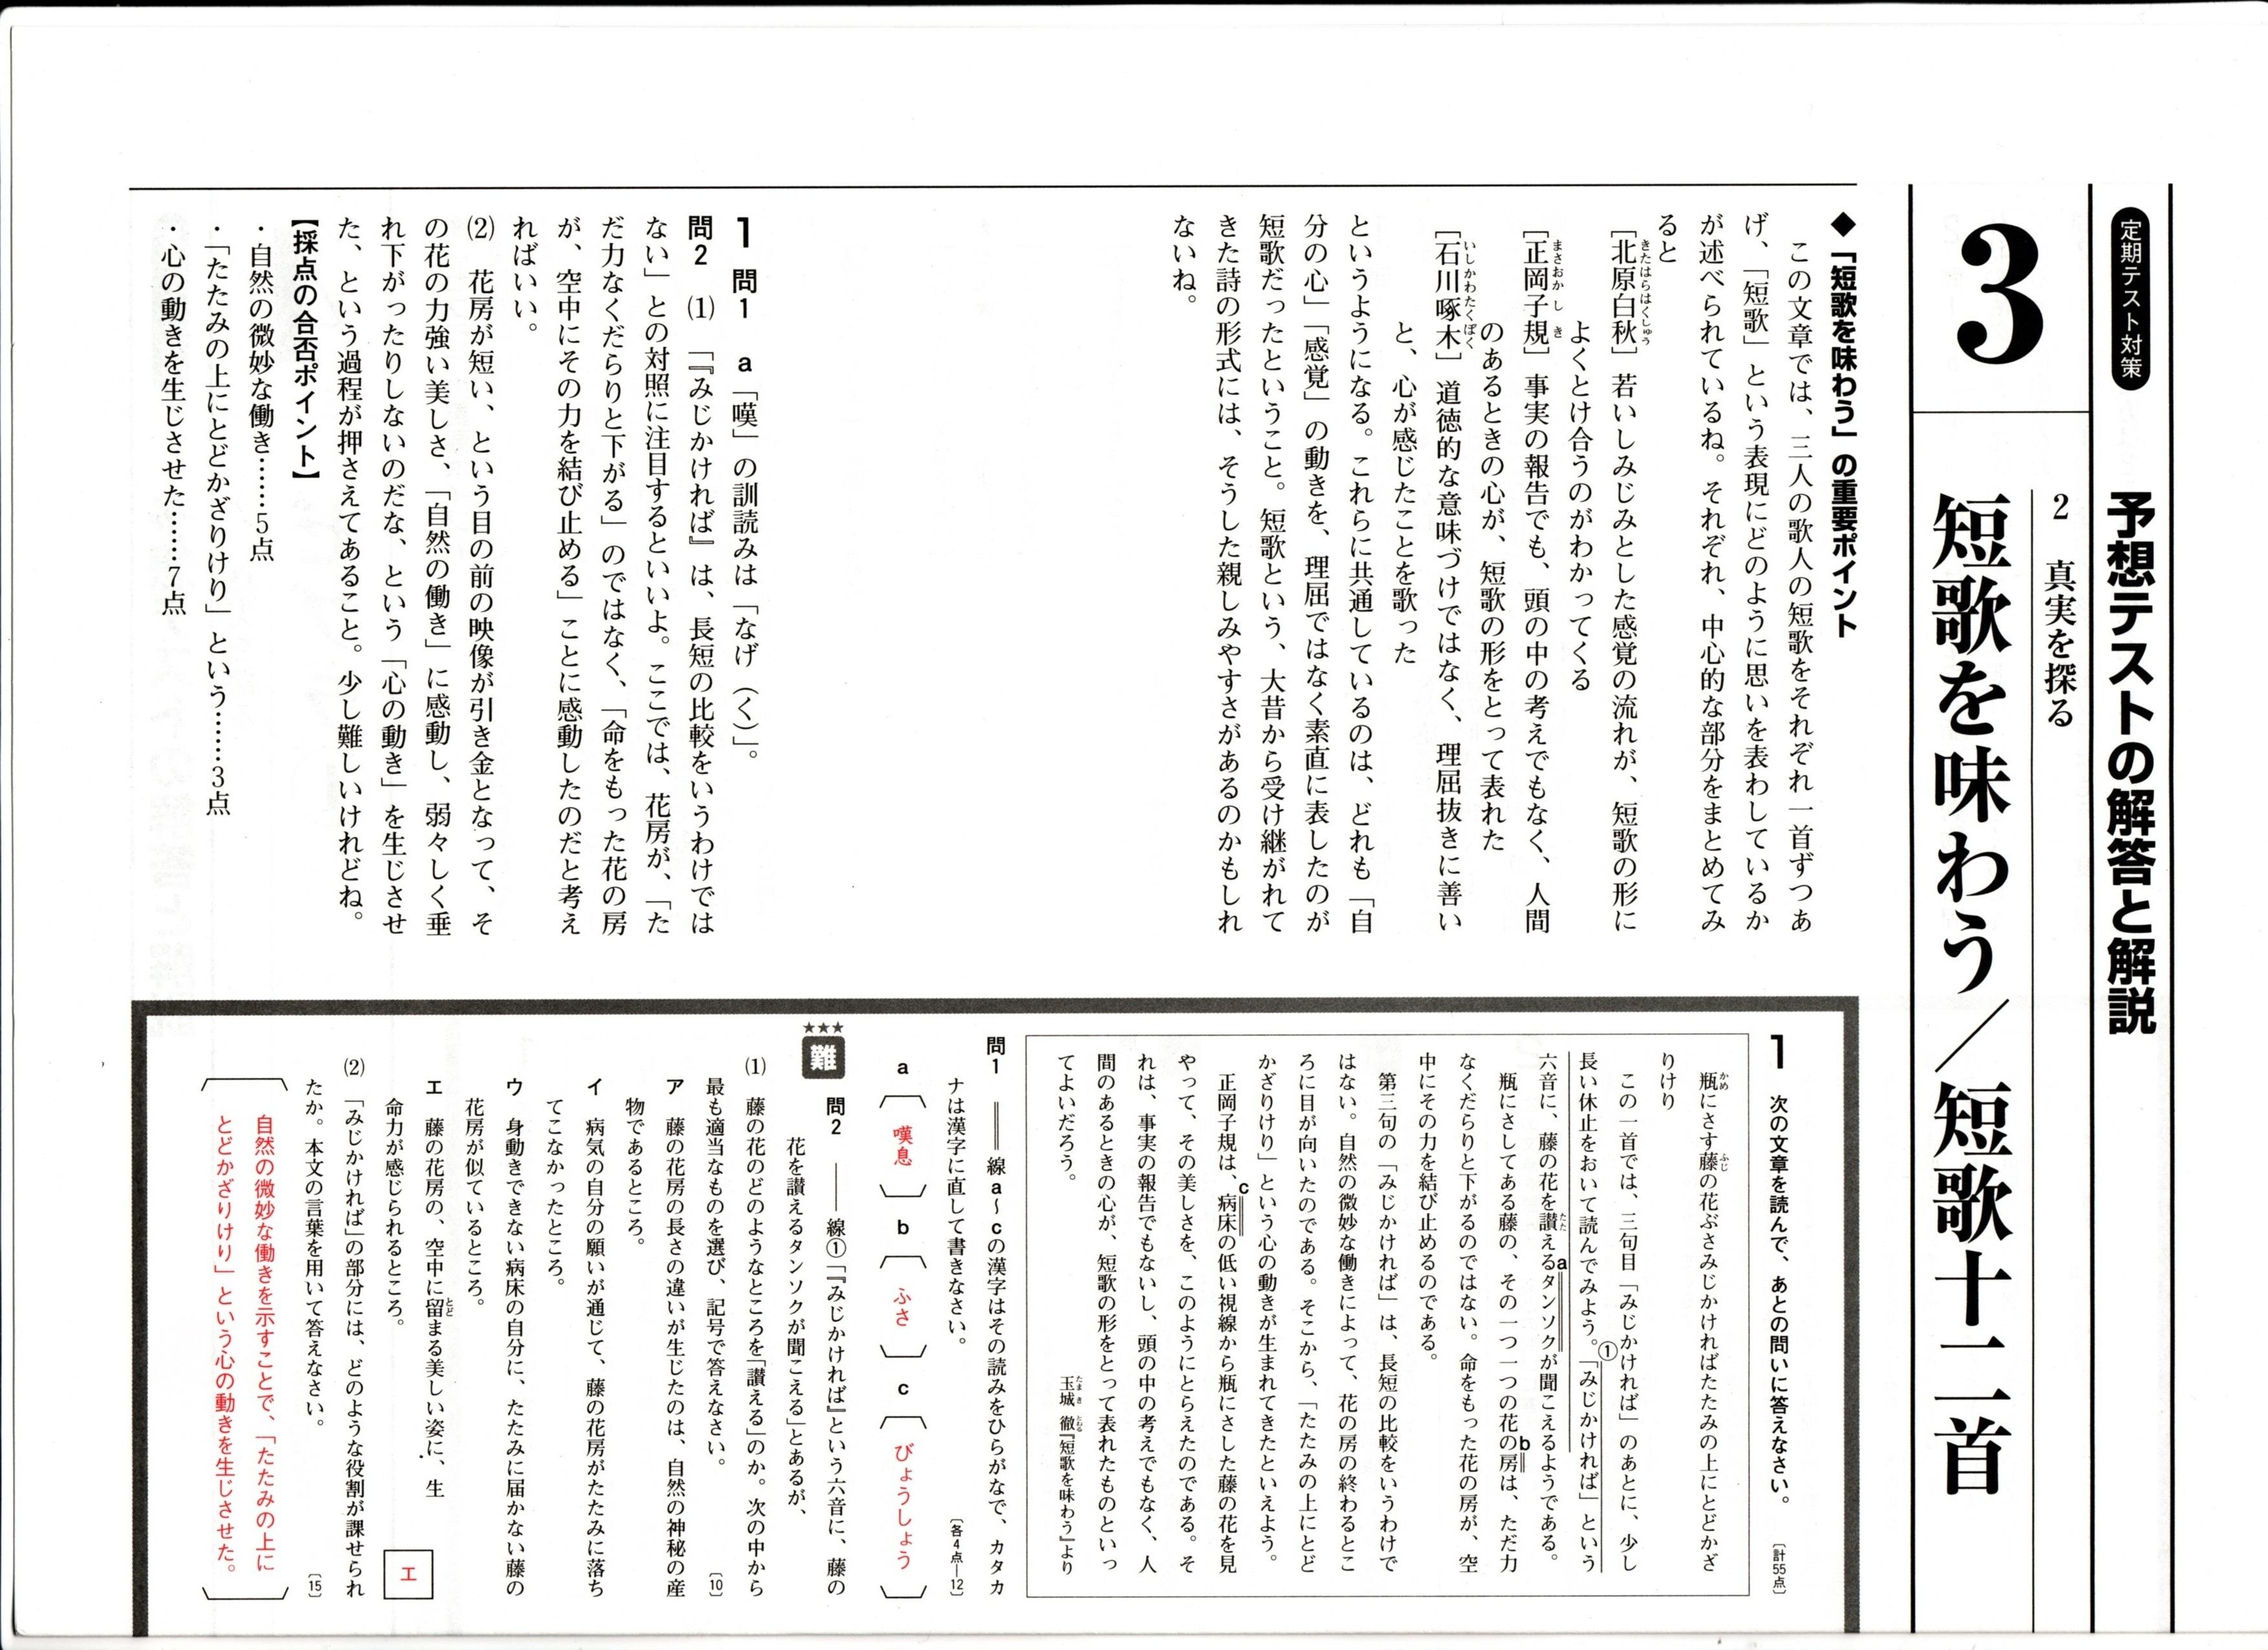 デイリーエースナビ国語 定期テスト対策解答・解説(中2 光村版)